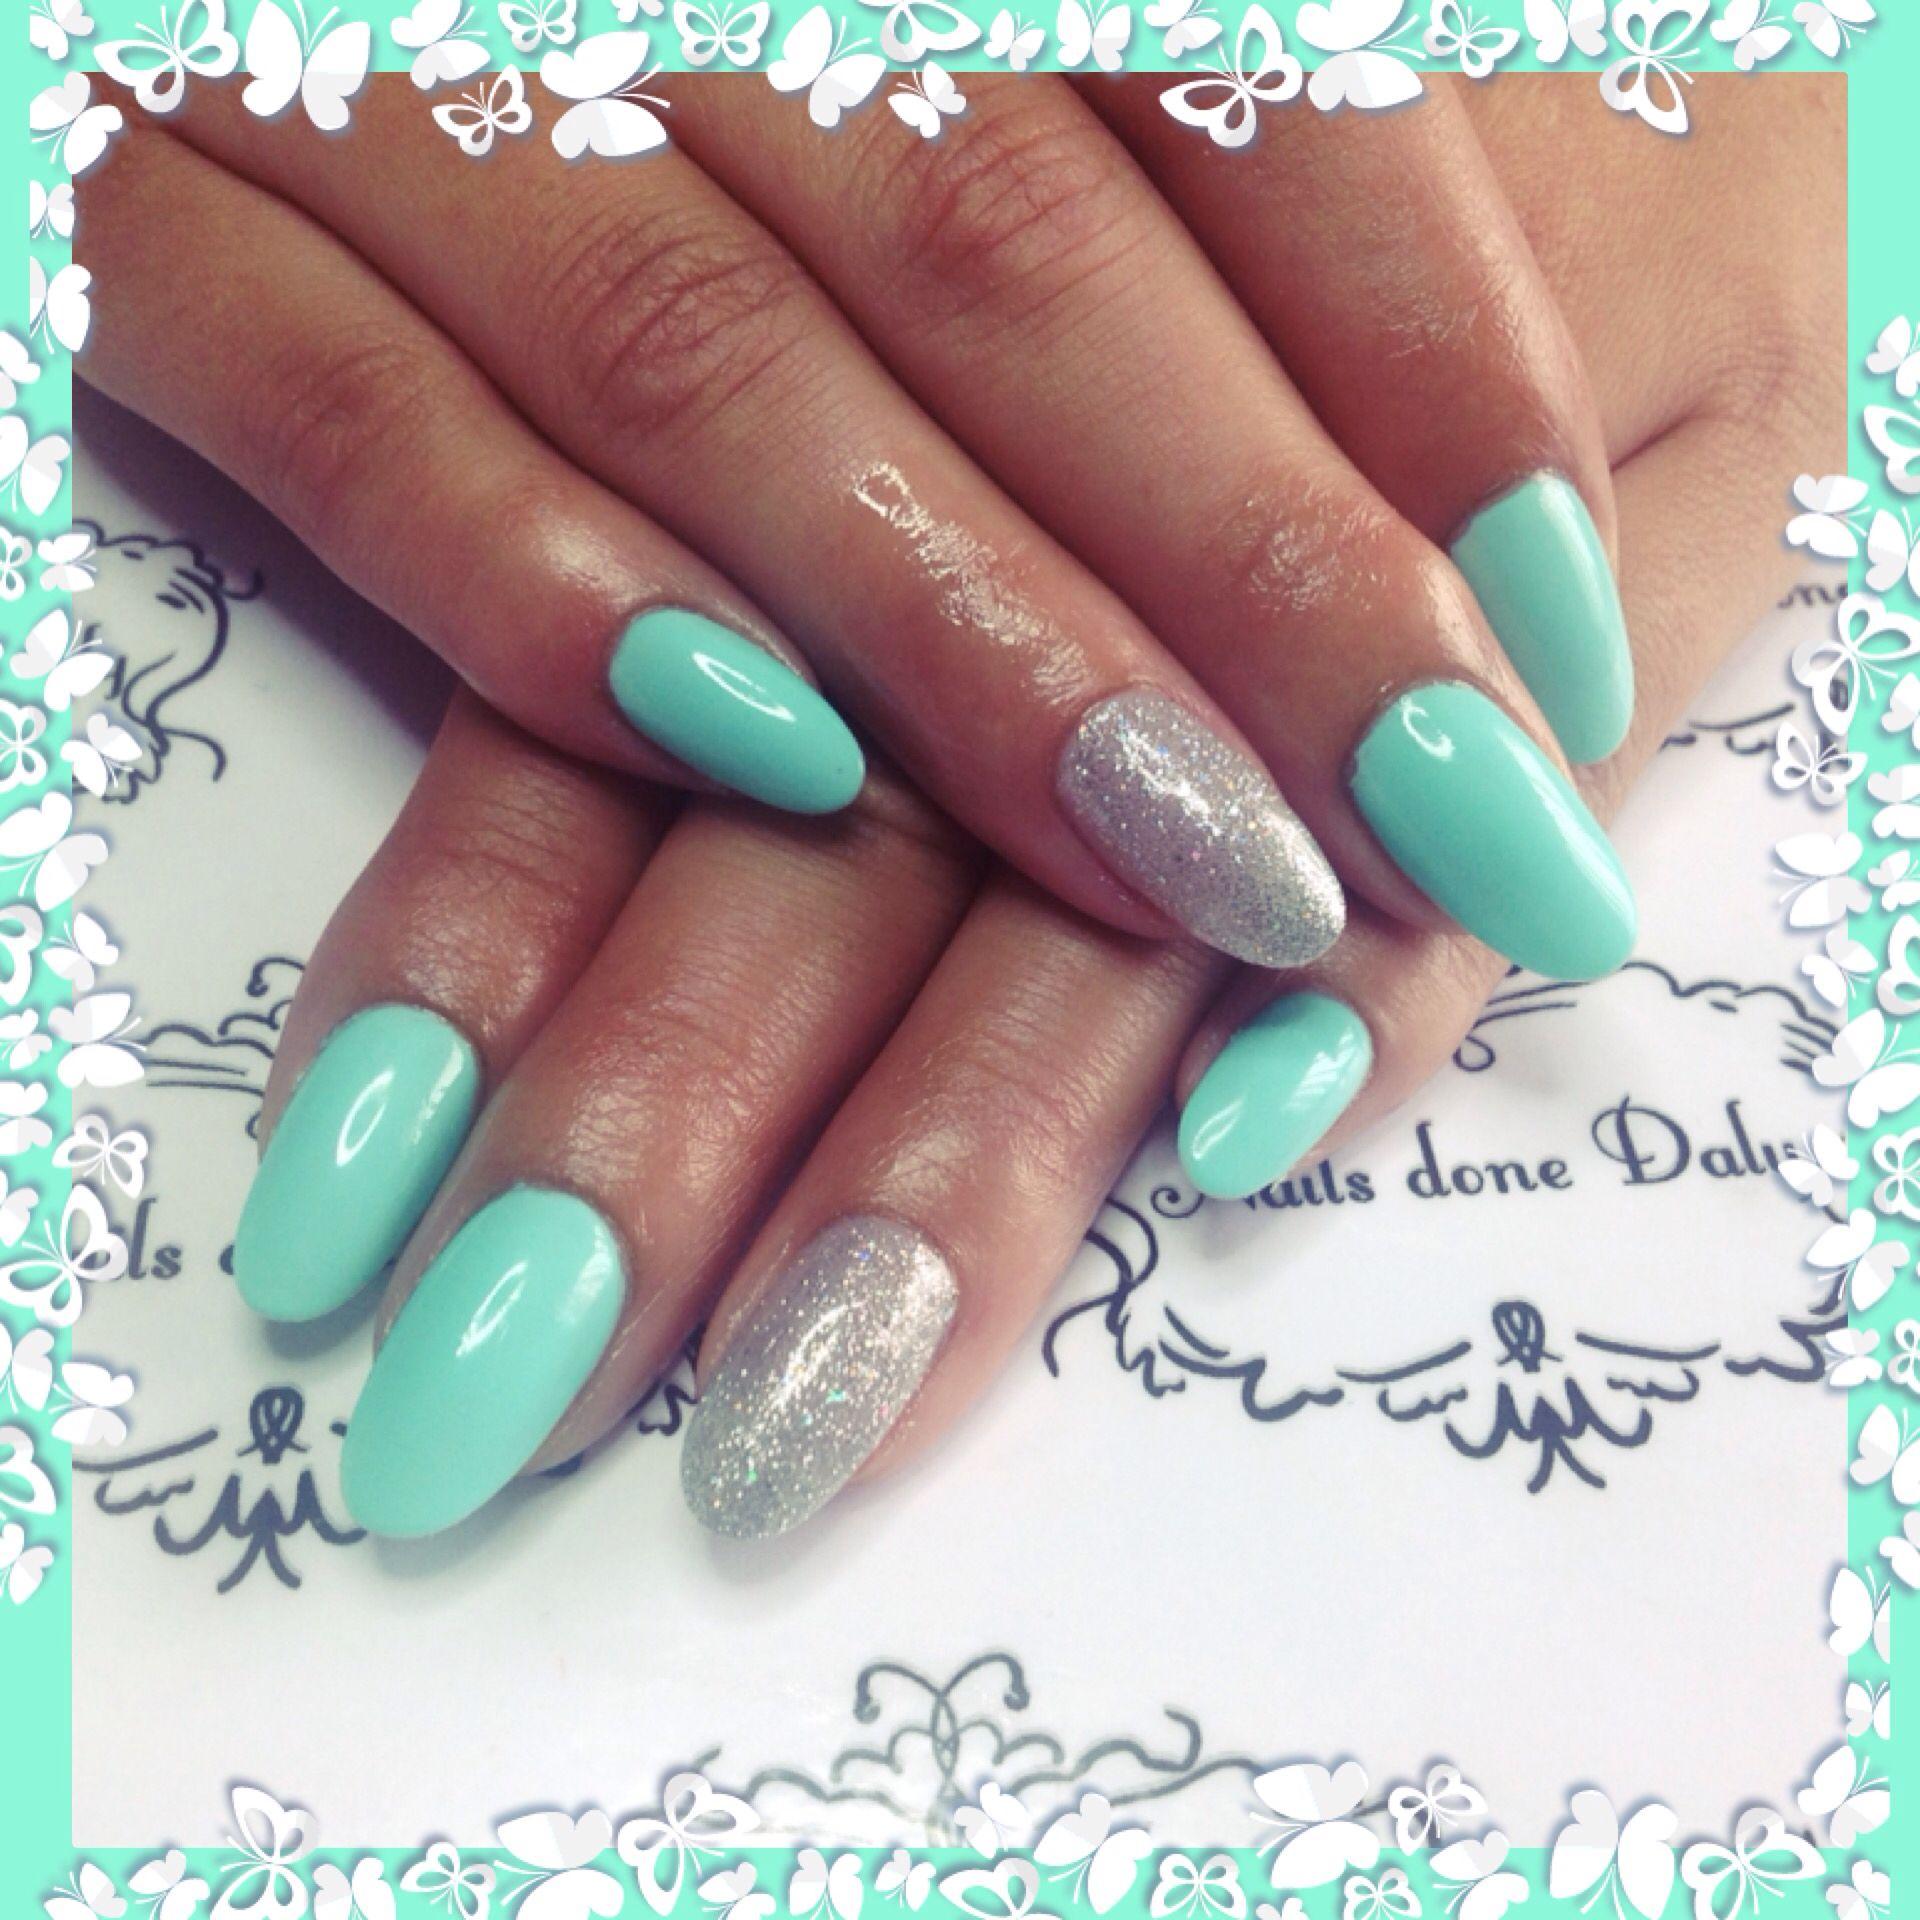 Express nails | Nails | Pinterest | Express nails